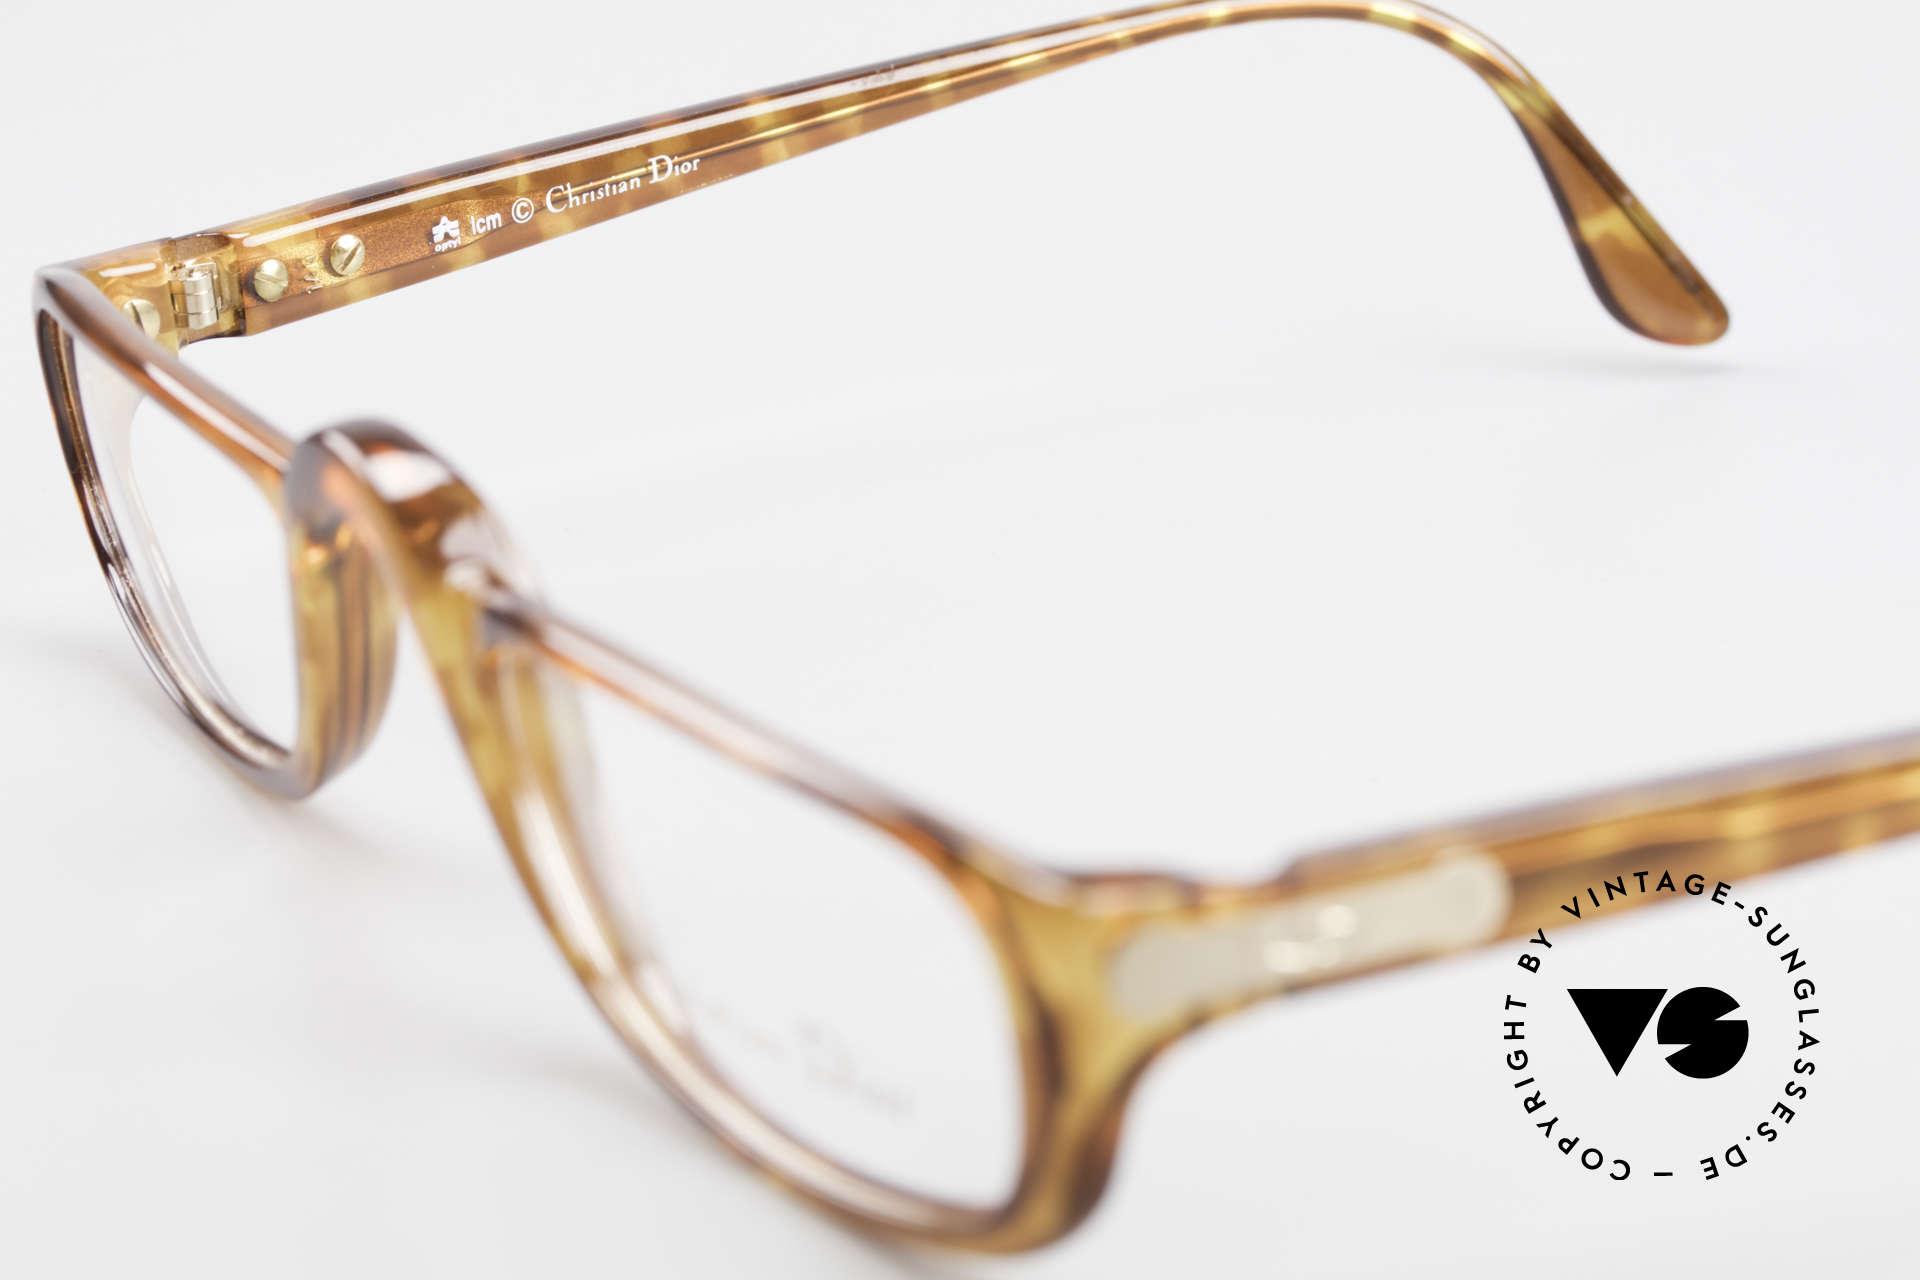 Christian Dior 2075 Vintage Optyl Lesebrille Large, KEINE Retrobrille, sondern ein altes ORIGINALprodukt, Passend für Herren und Damen